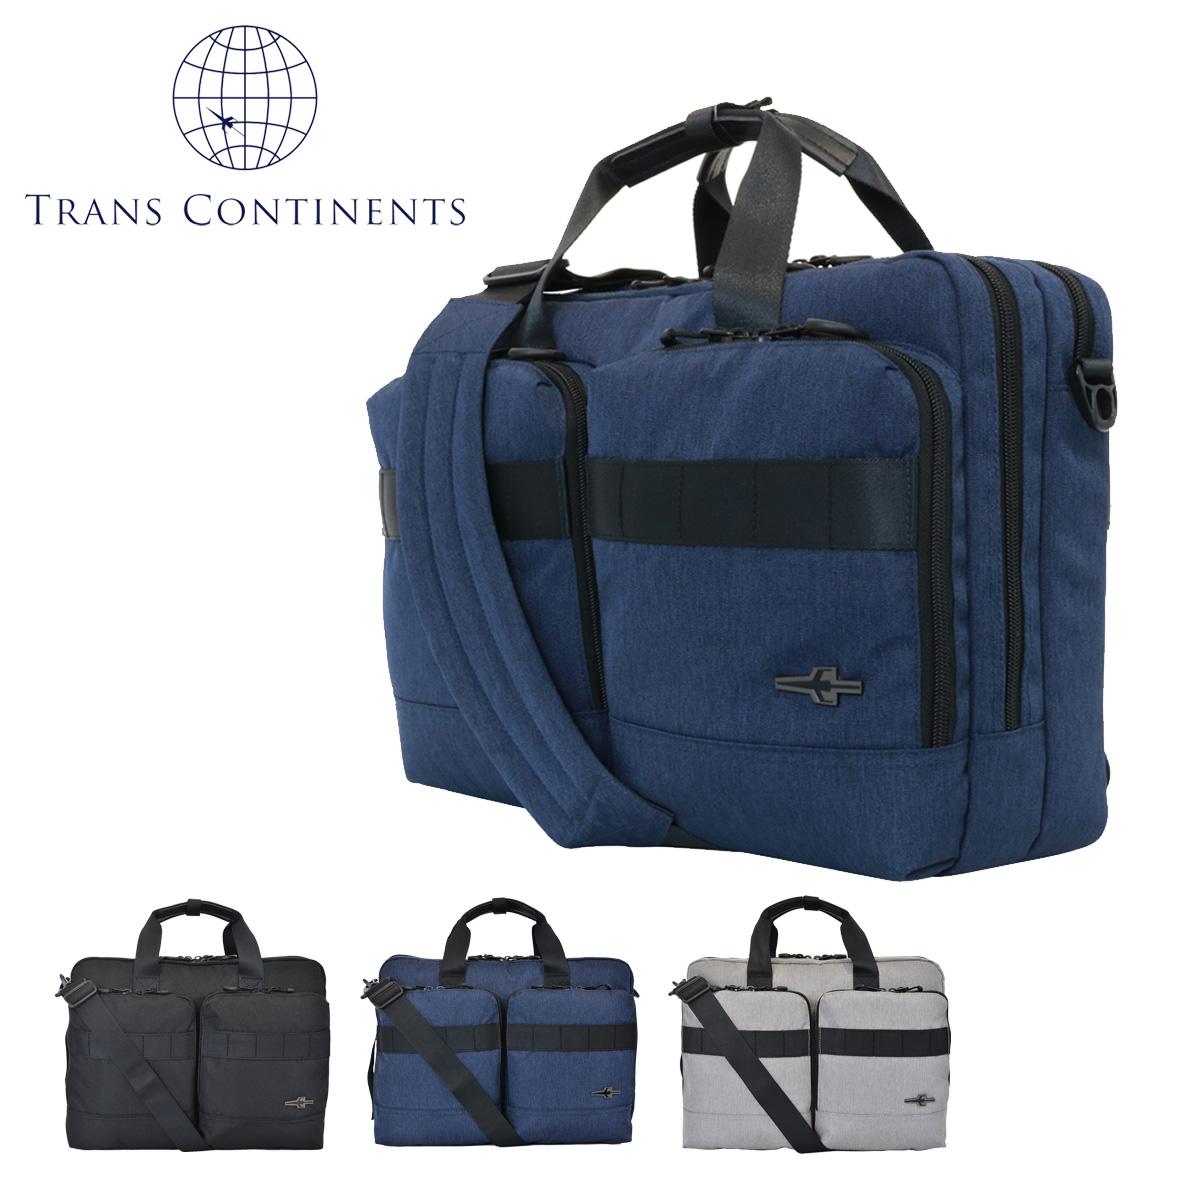 トランスコンチネンツ ビジネスバッグ 3WAY メンズ TC-4892 TRANS CONTINENTS | リュック ブリーフケース [PO10][bef]